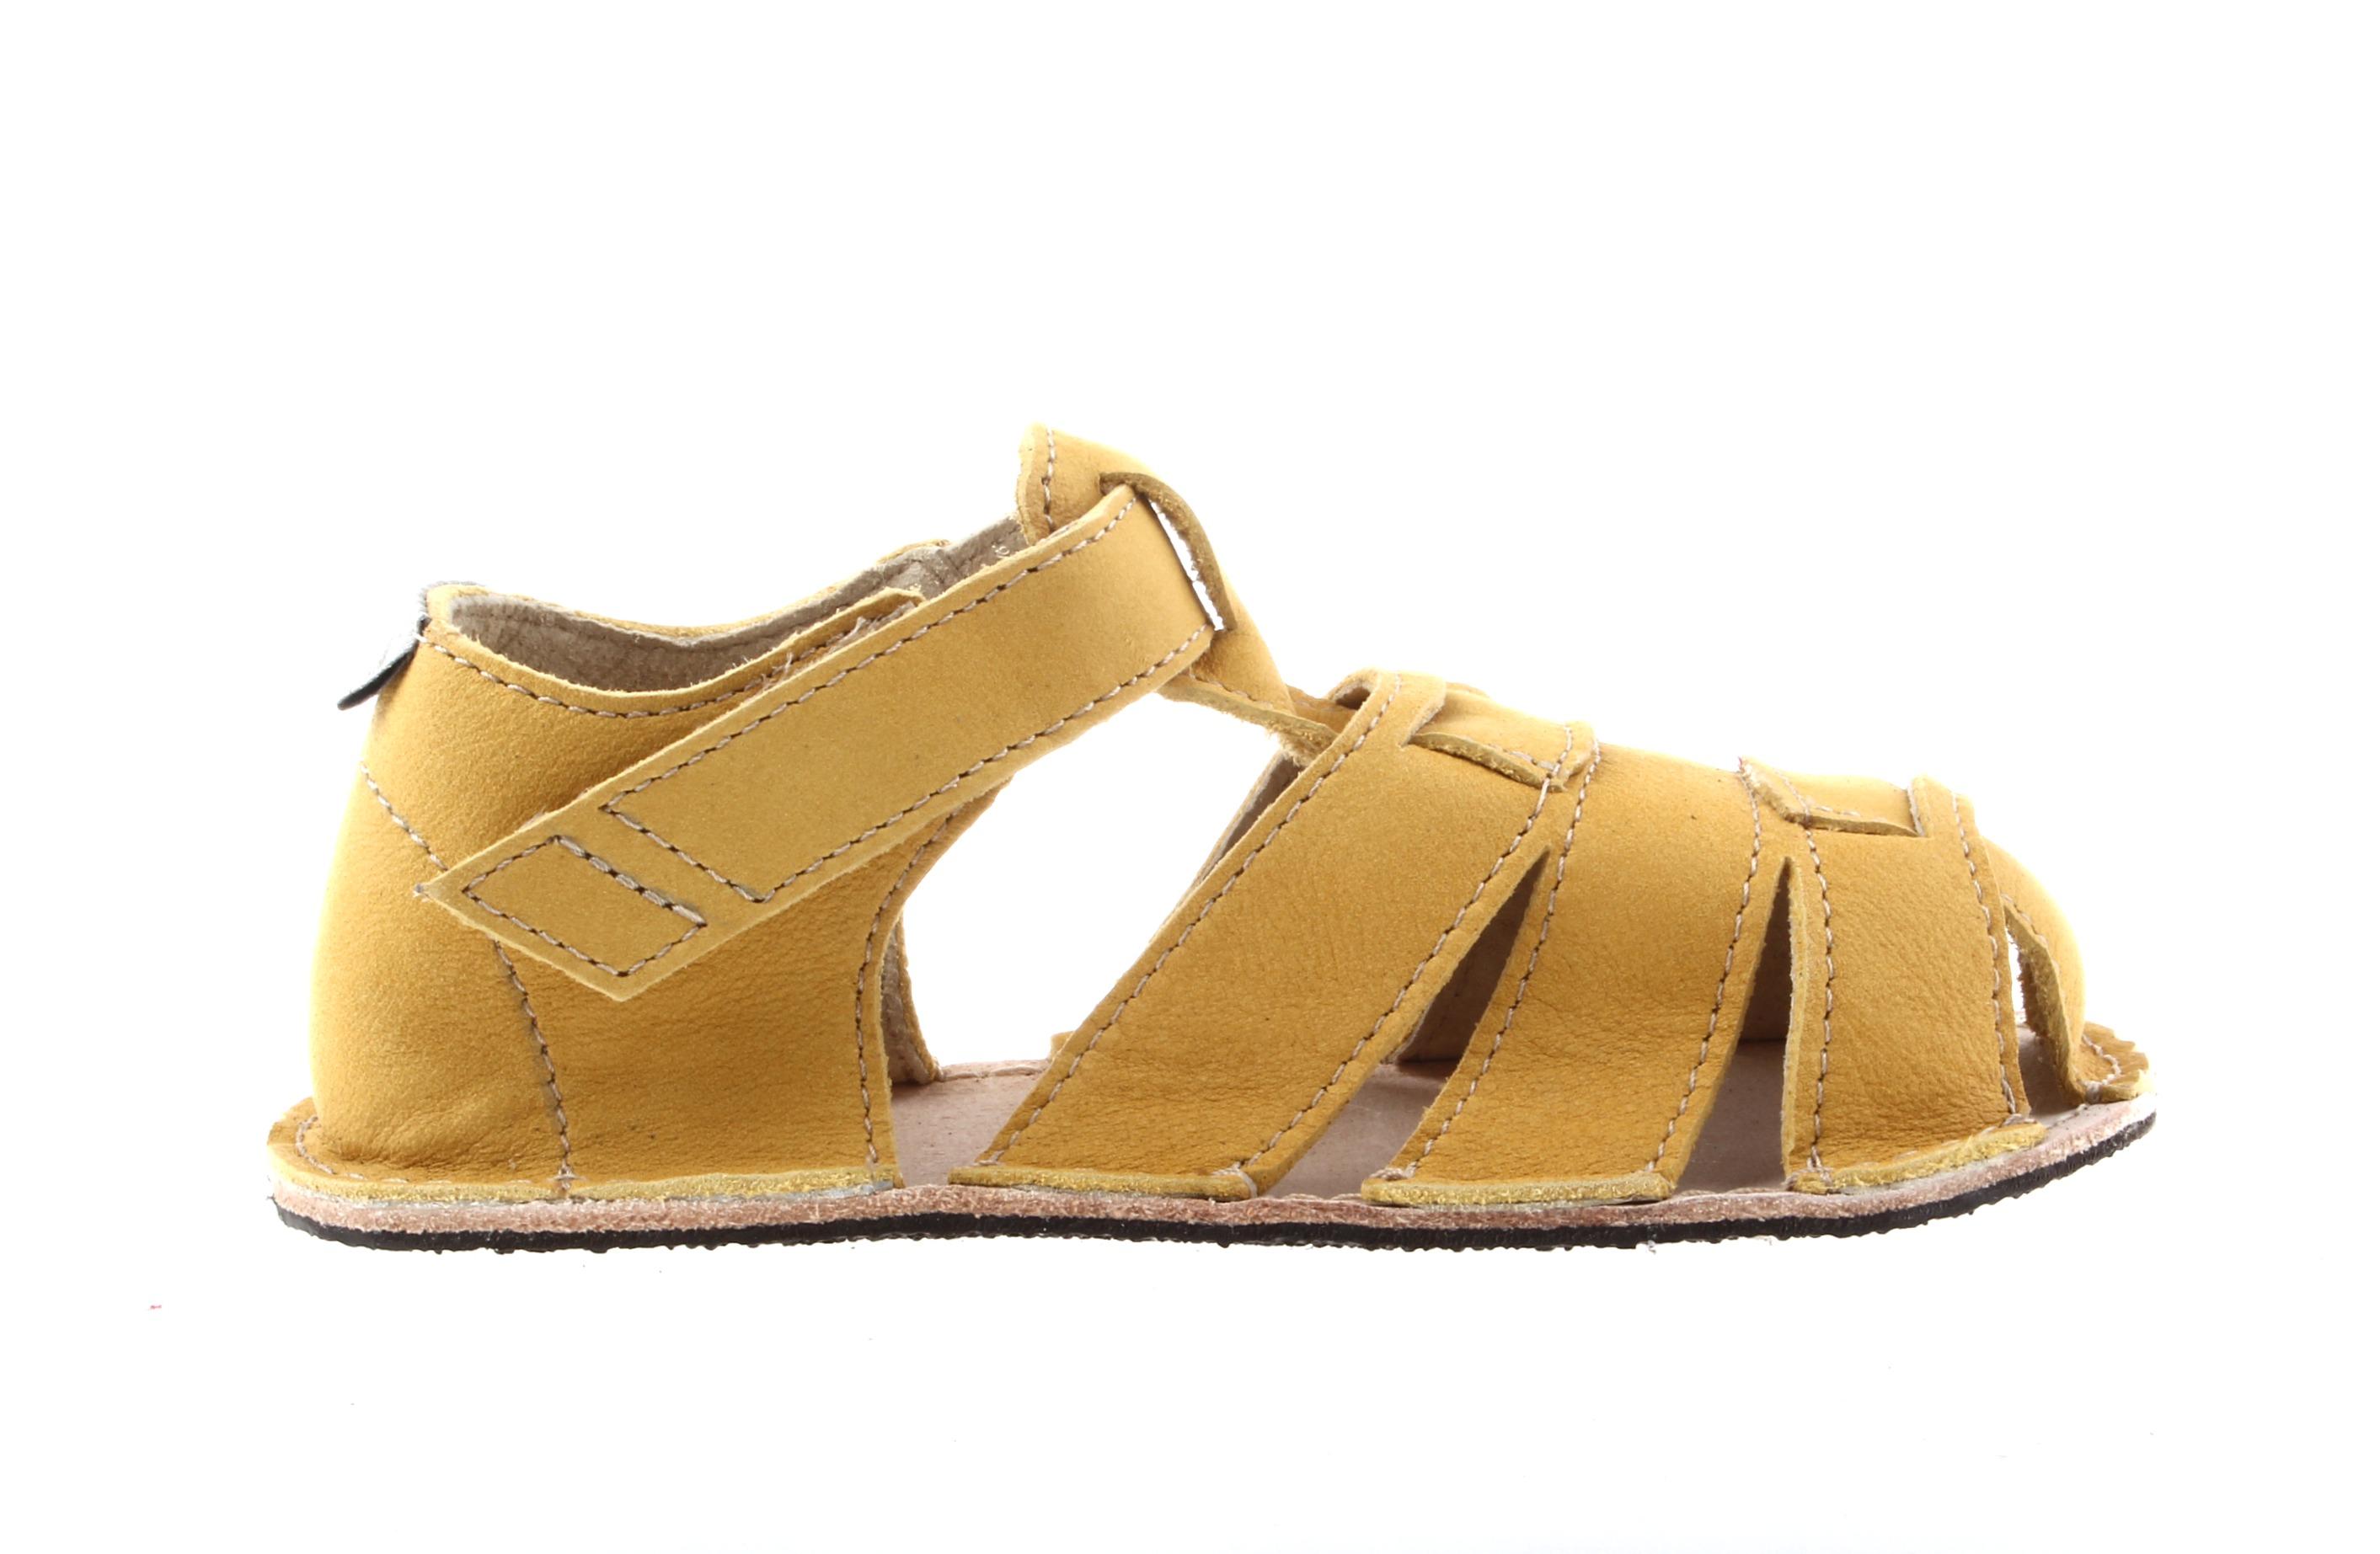 Orto Plus/OKbarefoot sandály Orto Plus Palm pískově žluté (BF-D201-010/G), šíře G, 2 mm velikosti bot EU: 24